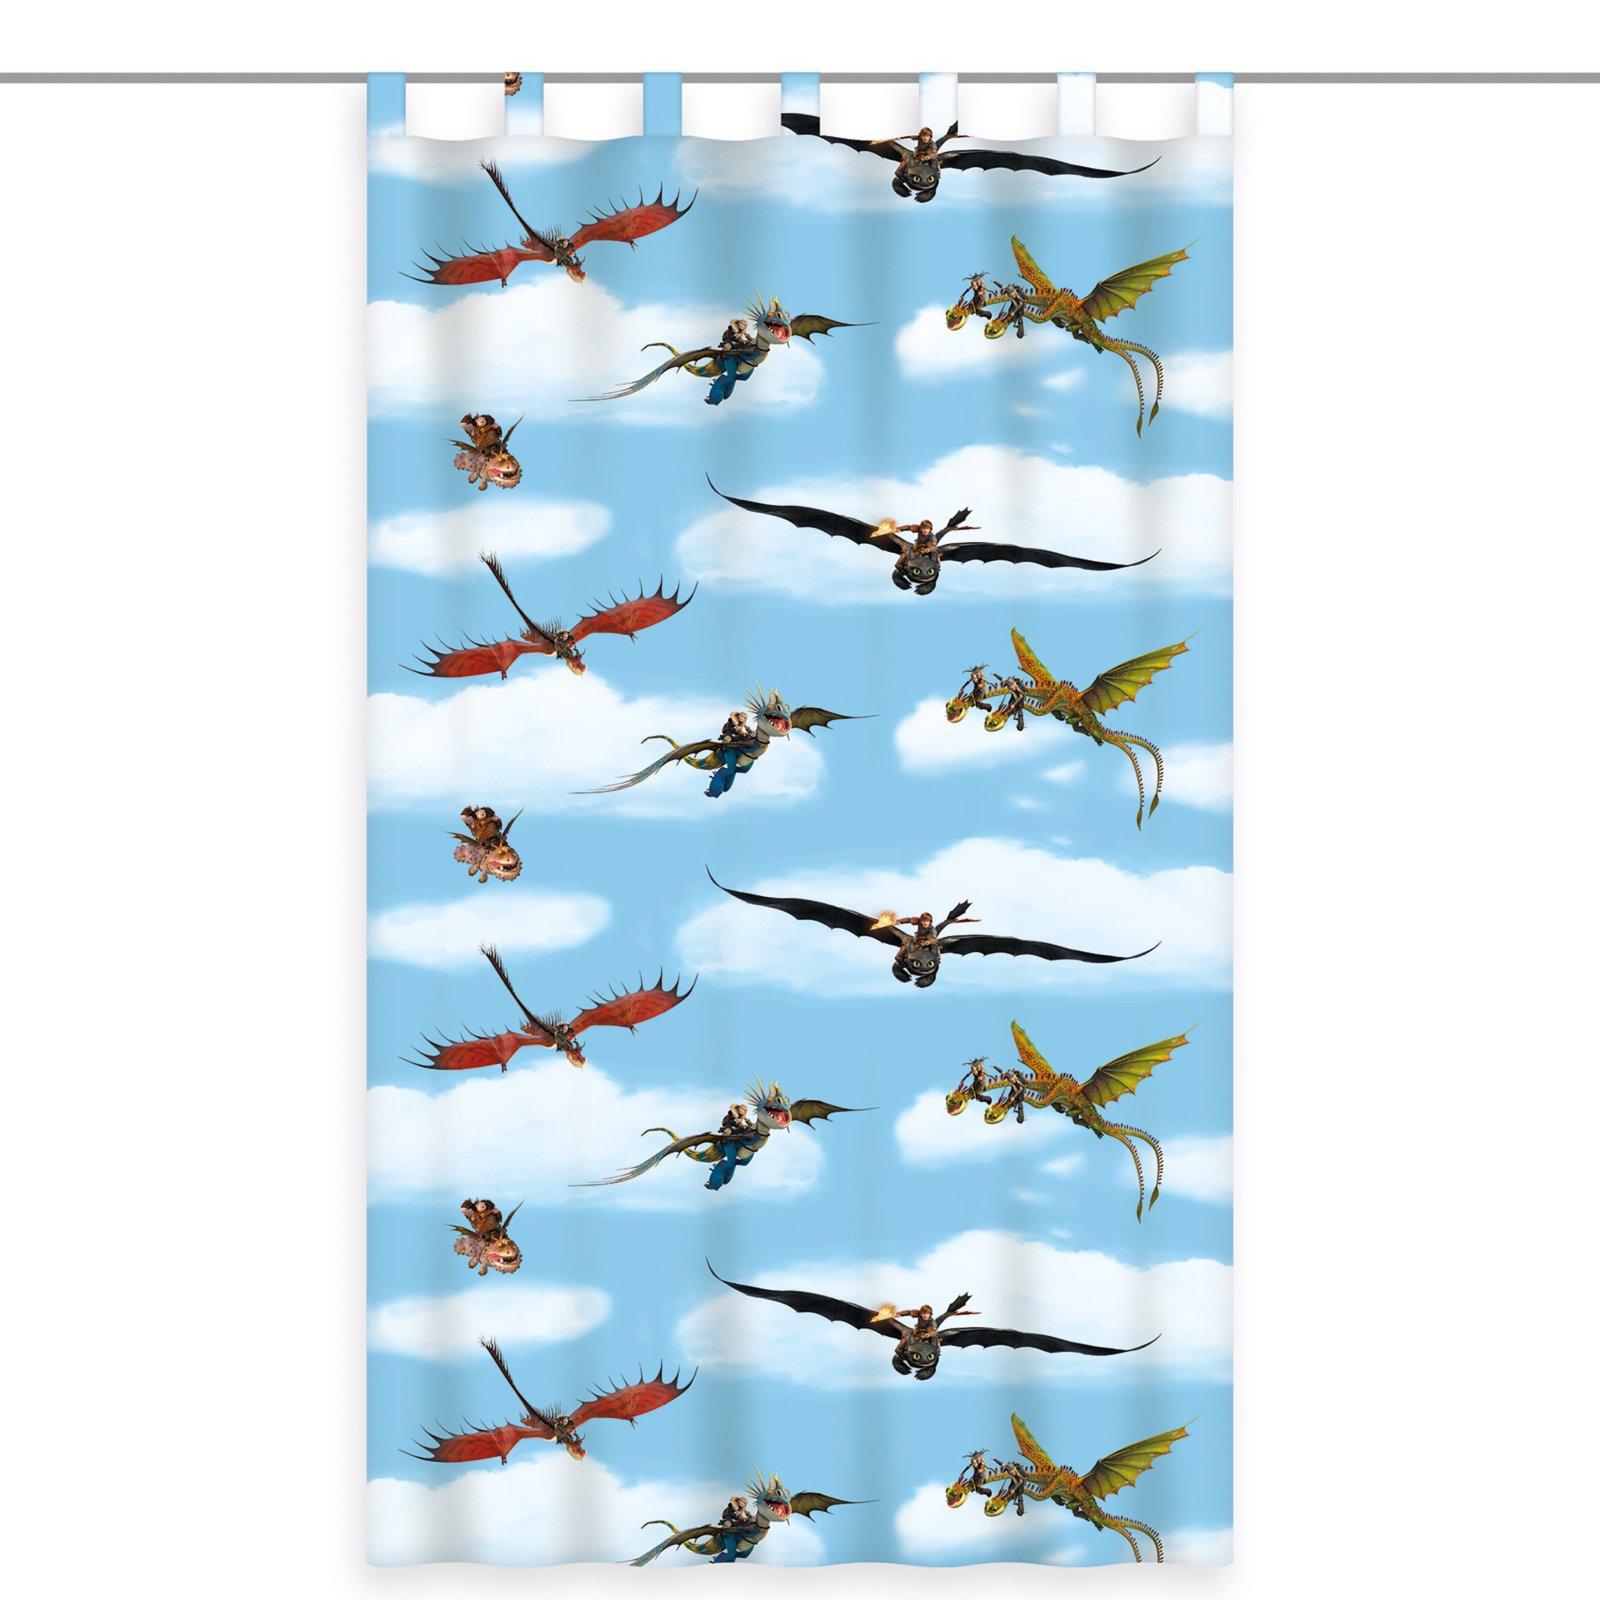 Schlaufenschal dragons hellblau 140x160 cm for Kinderzimmer roller